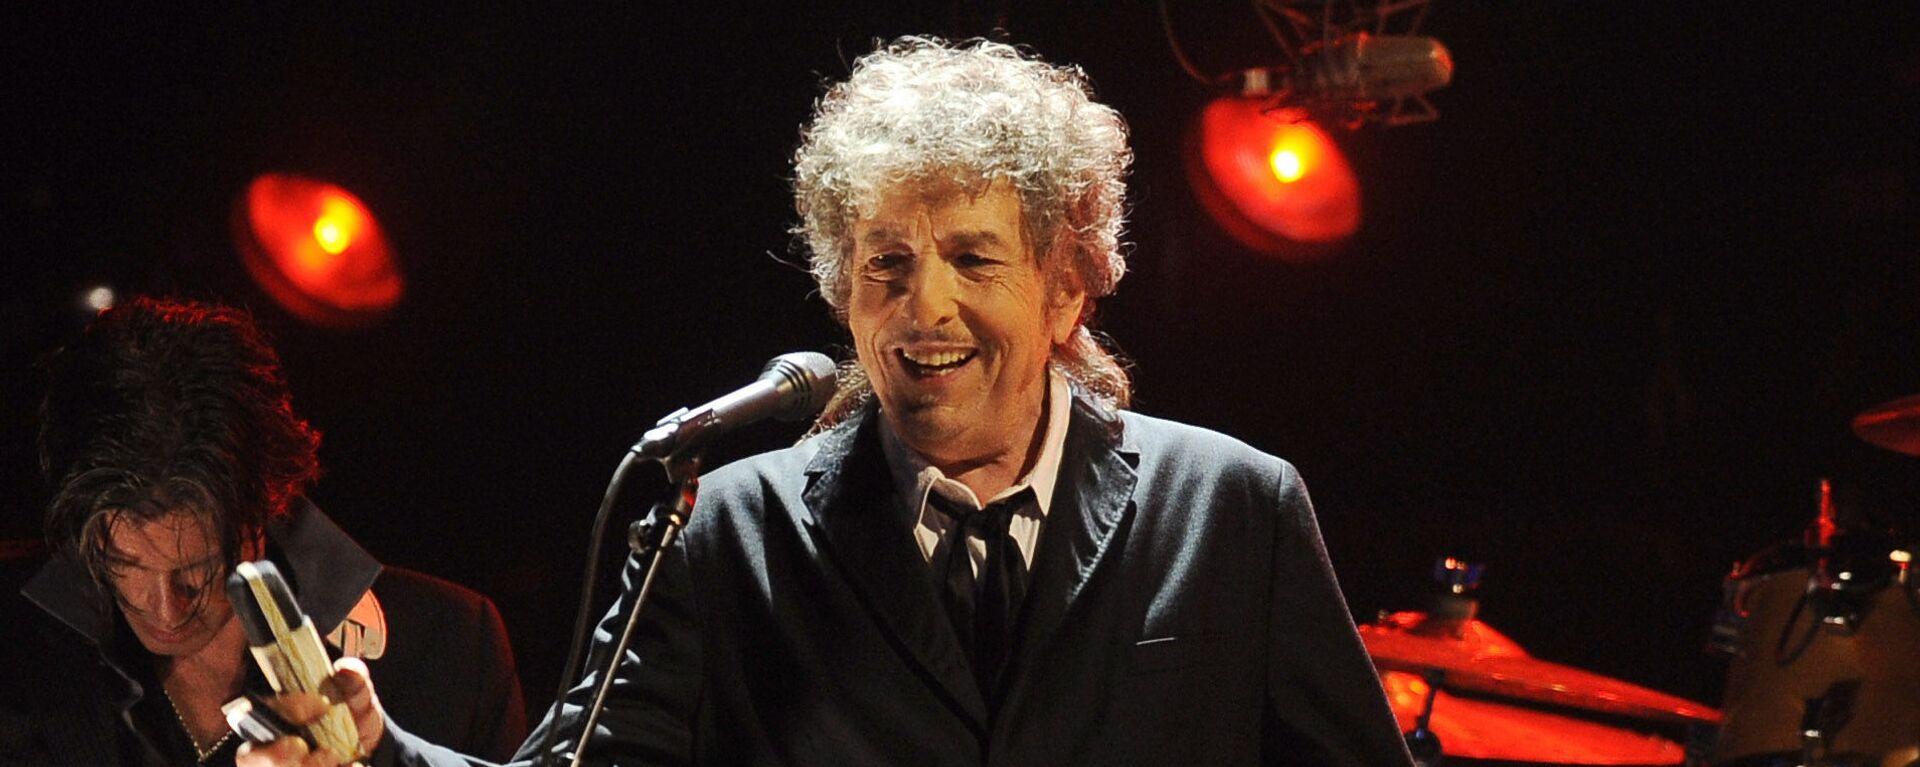 Боб Дилан выступает в Лос-Анджелесе - Sputnik Mundo, 1920, 24.05.2021